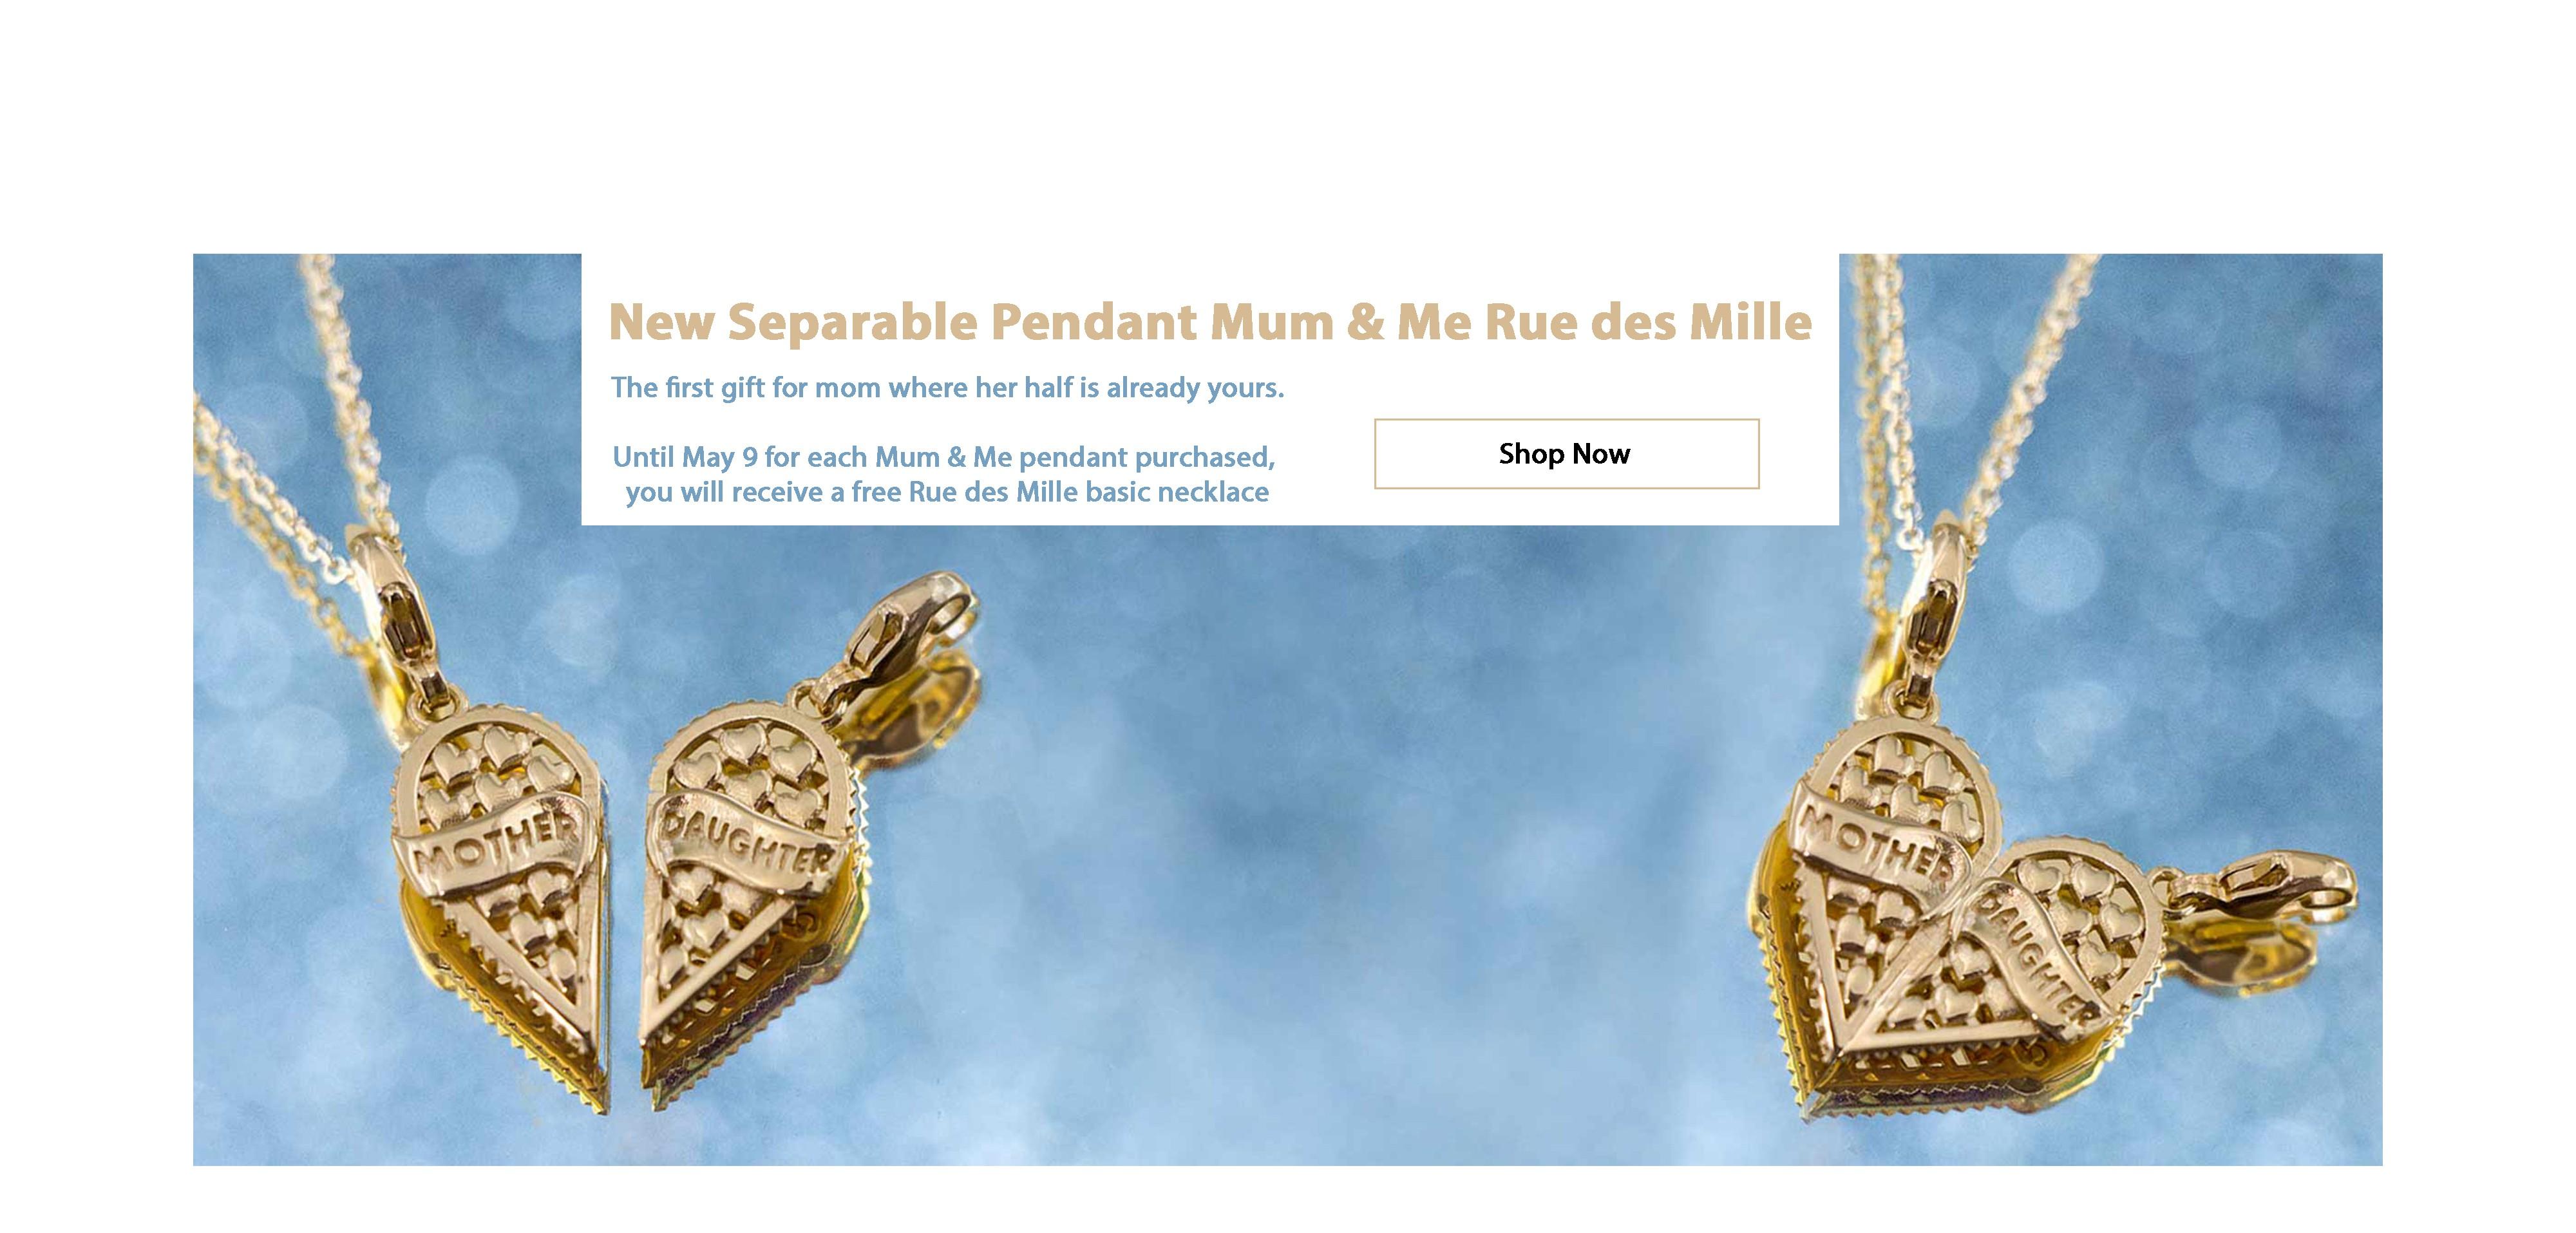 Pendant Separable Mum&Me Rue des Mille